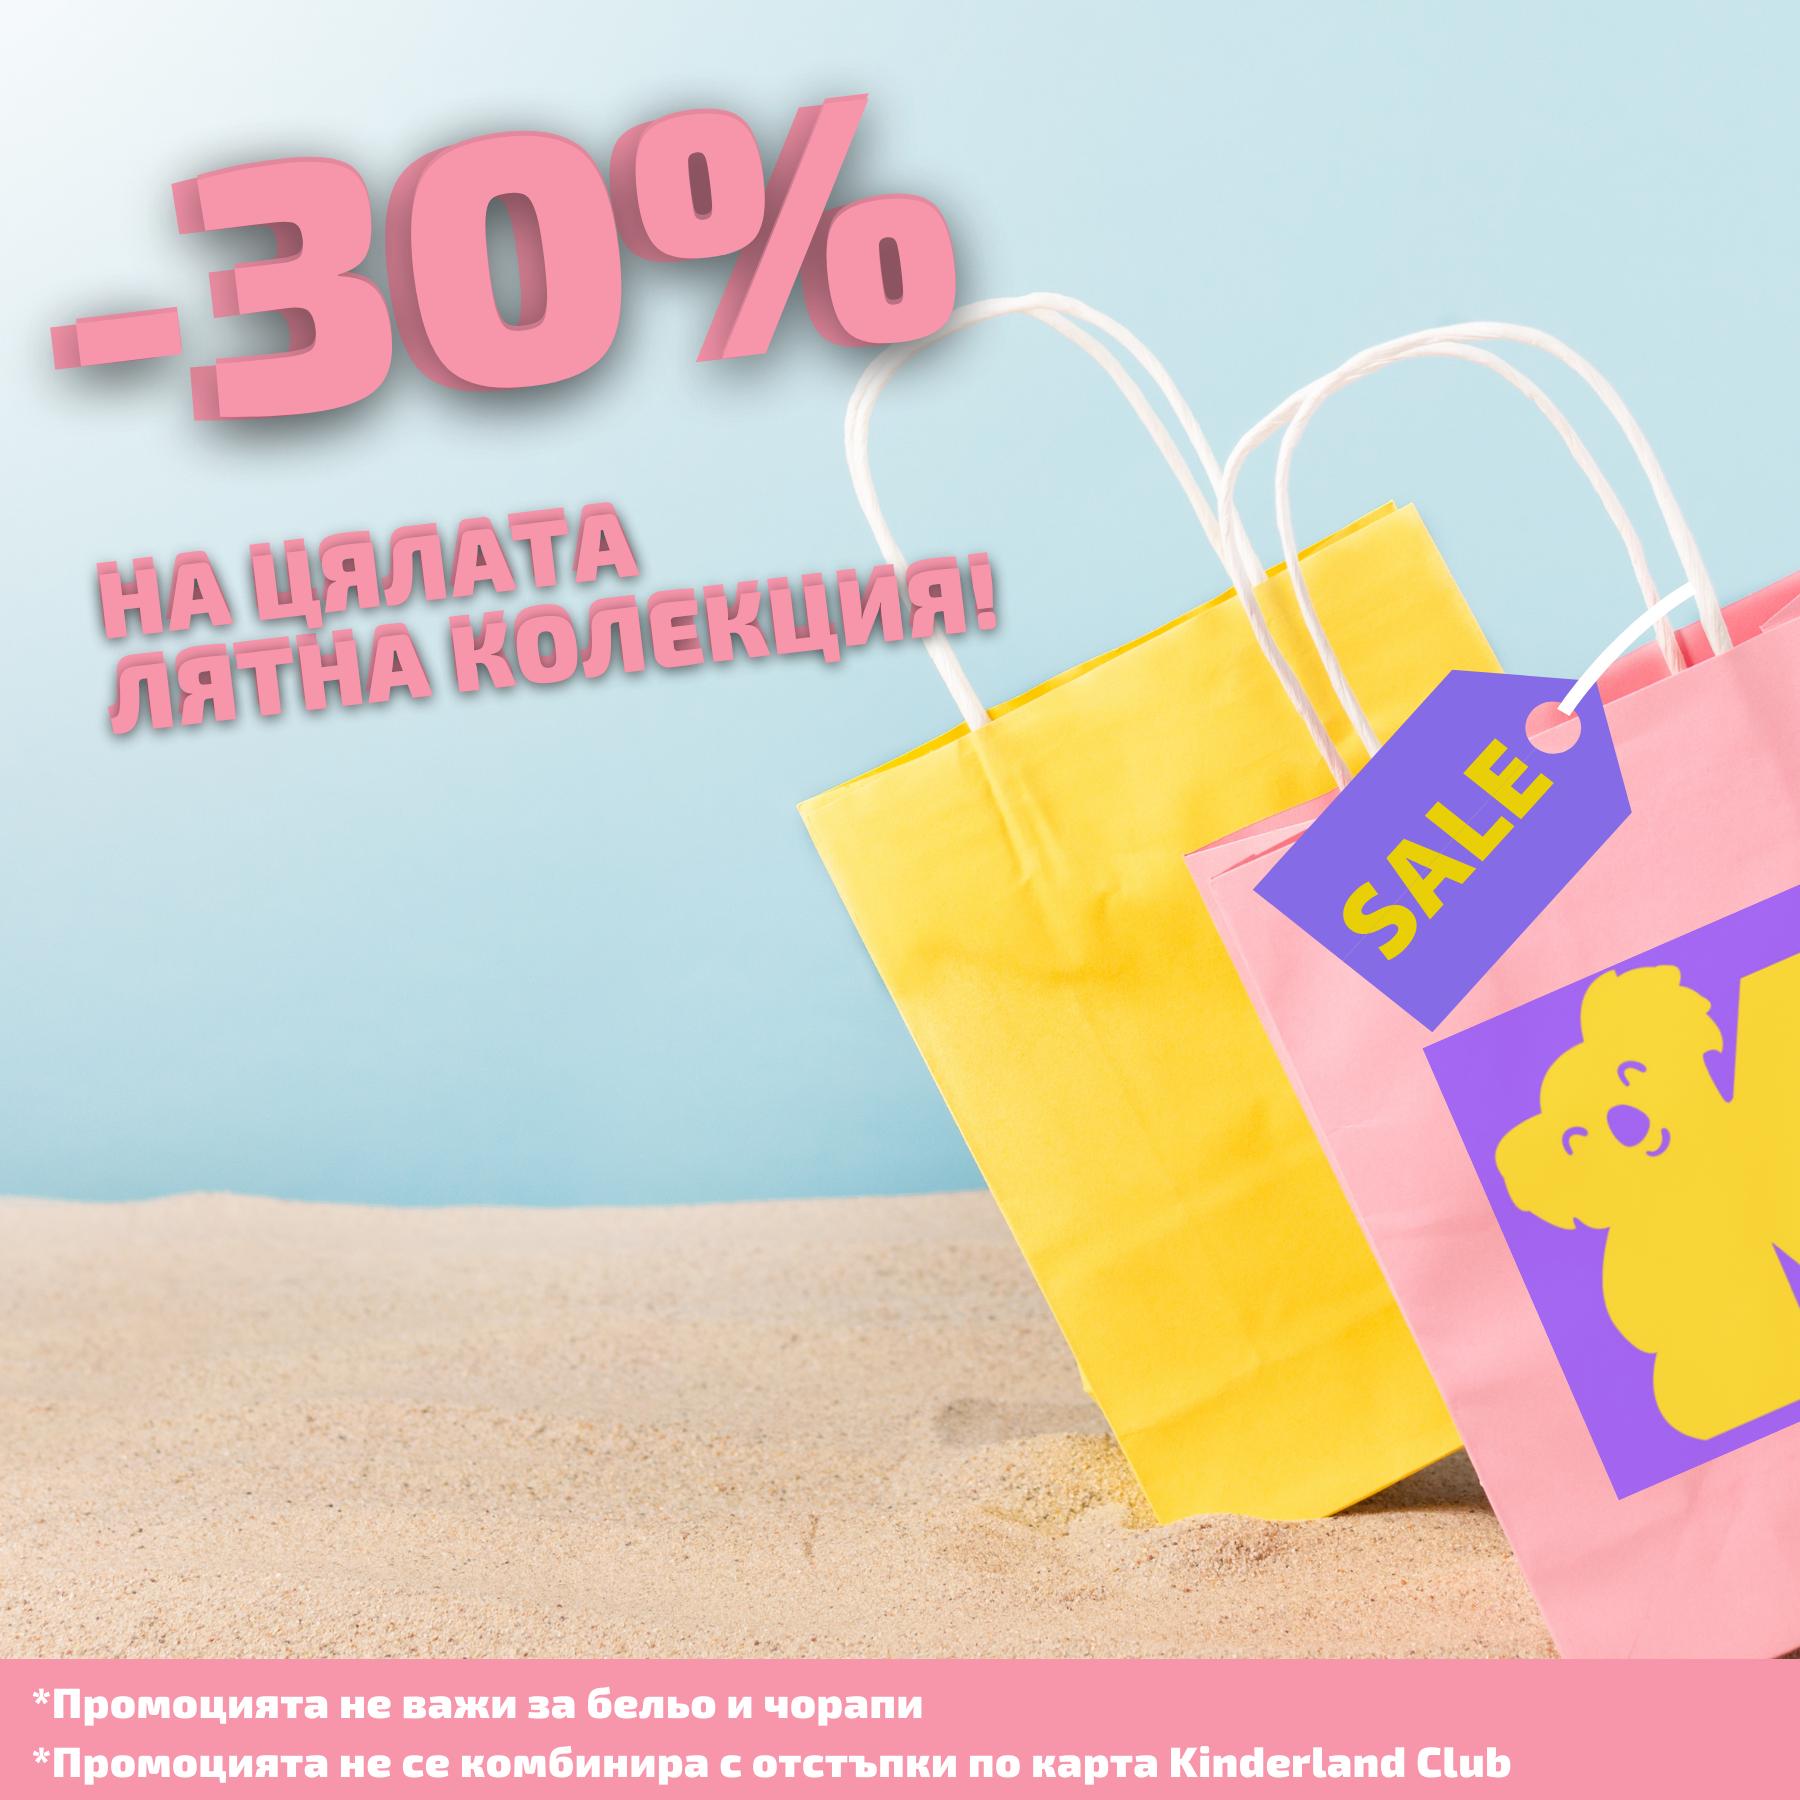 намаление детски дрехи - -30% на ЦЯЛАТА лятна колекция!